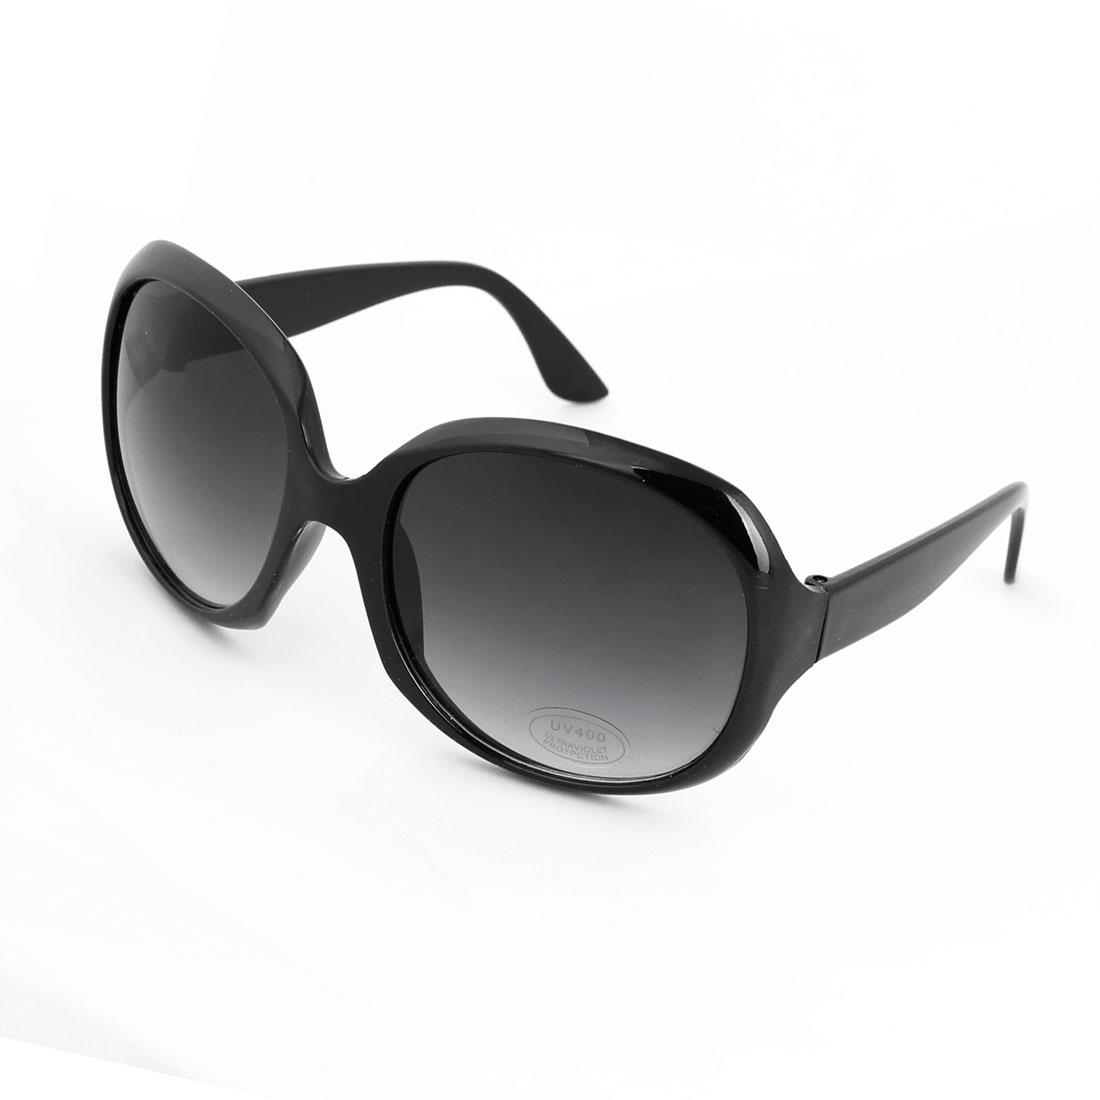 Unisex Black Plastic Full Frame Single Bridge Oversized Colored Lens Sunglasses